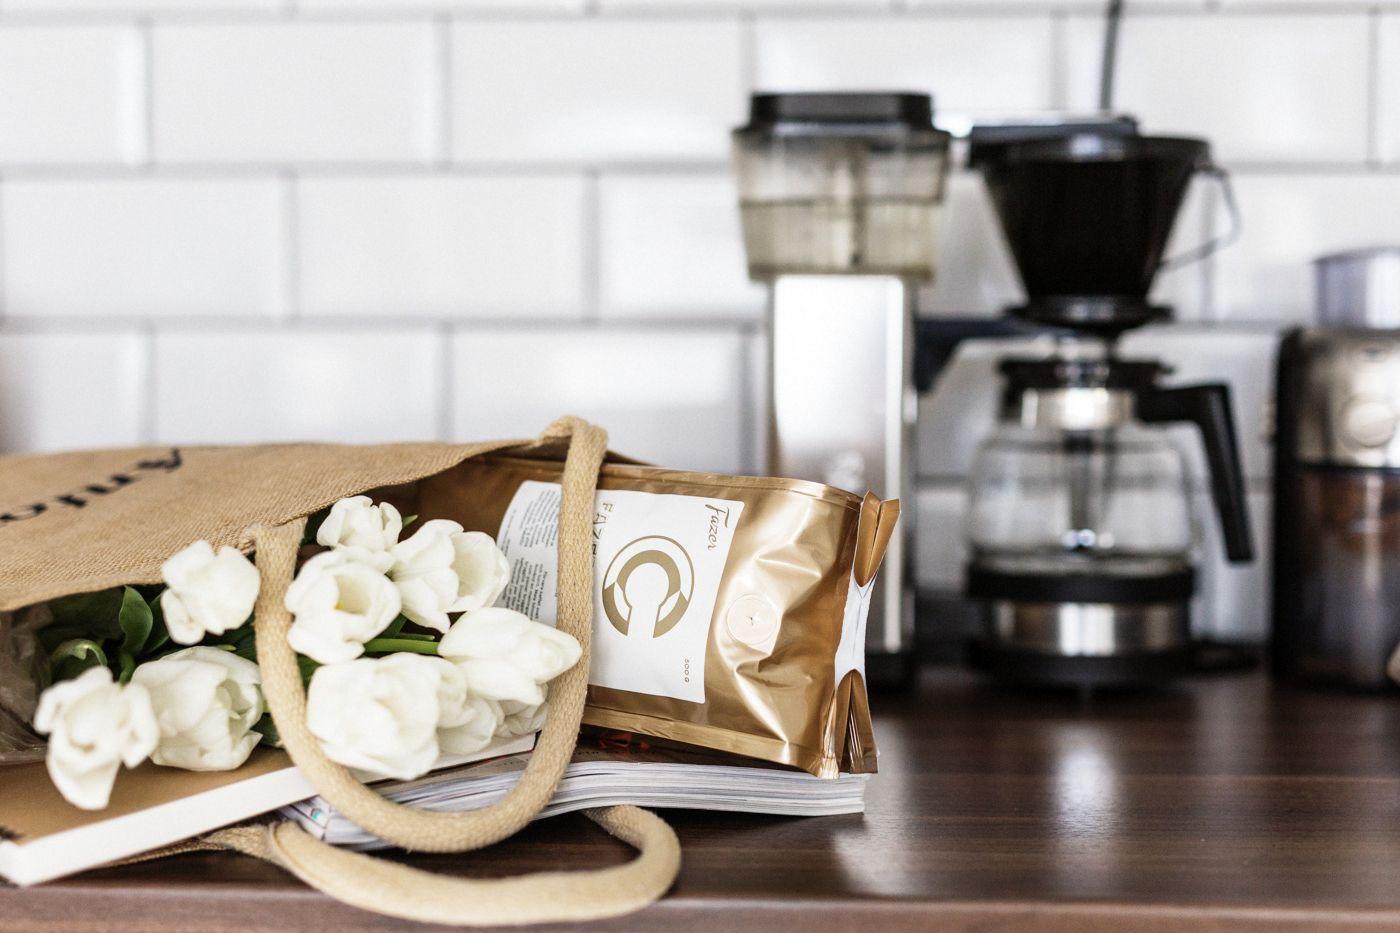 Coffee / Morning / Grocery shopping / Kitchen / Details / Noora&Noora nooraandnoora.com